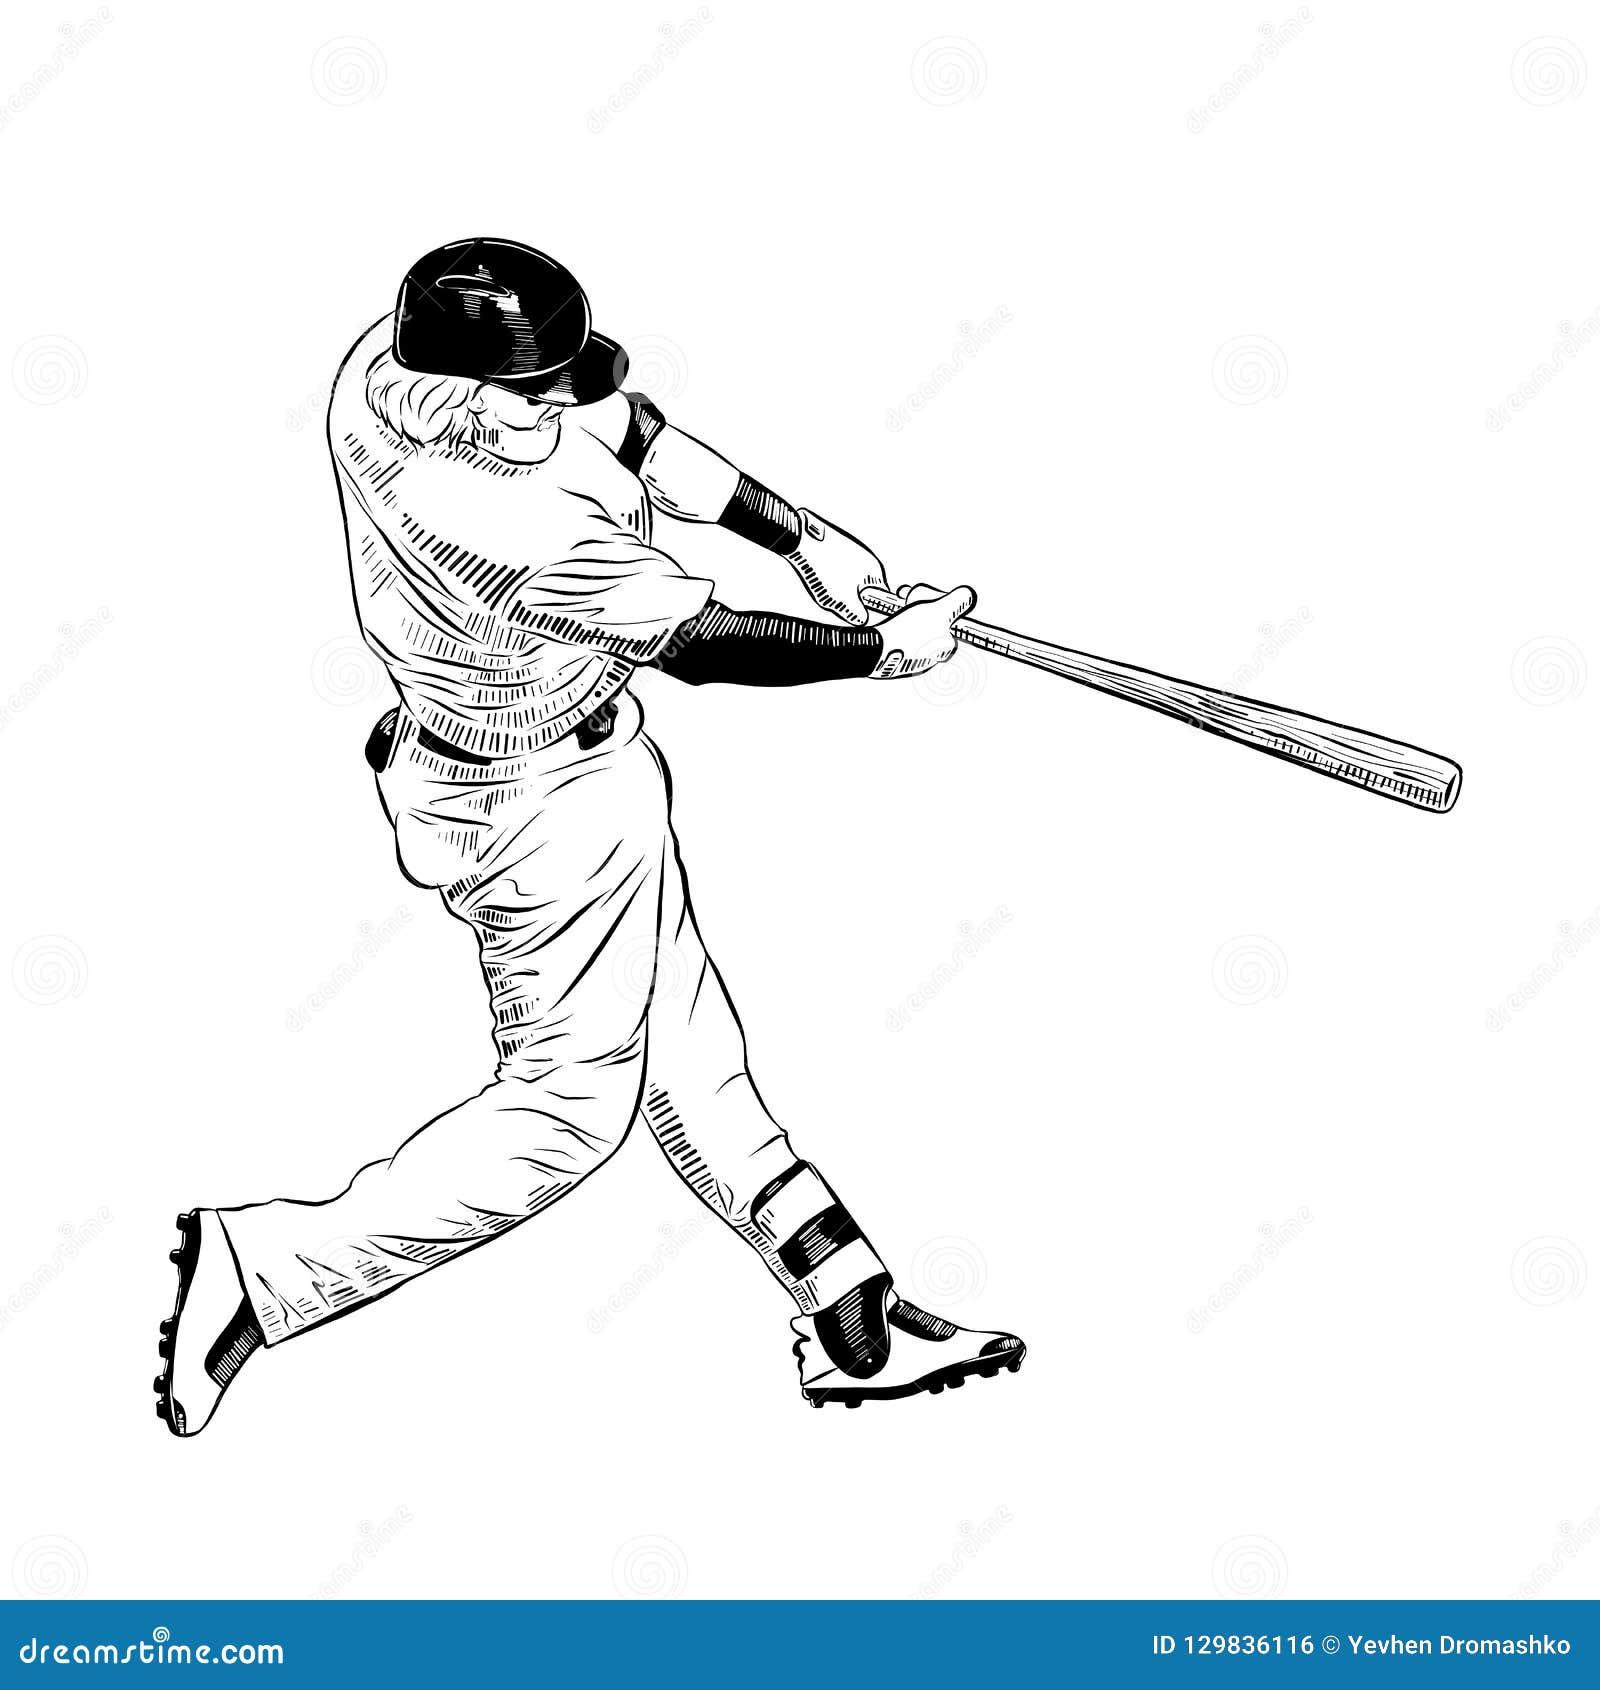 Эскиз руки вычерченный бейсболиста в черноте изолированного на белой предпосылке Детальный винтажный чертеж стиля вытравливания